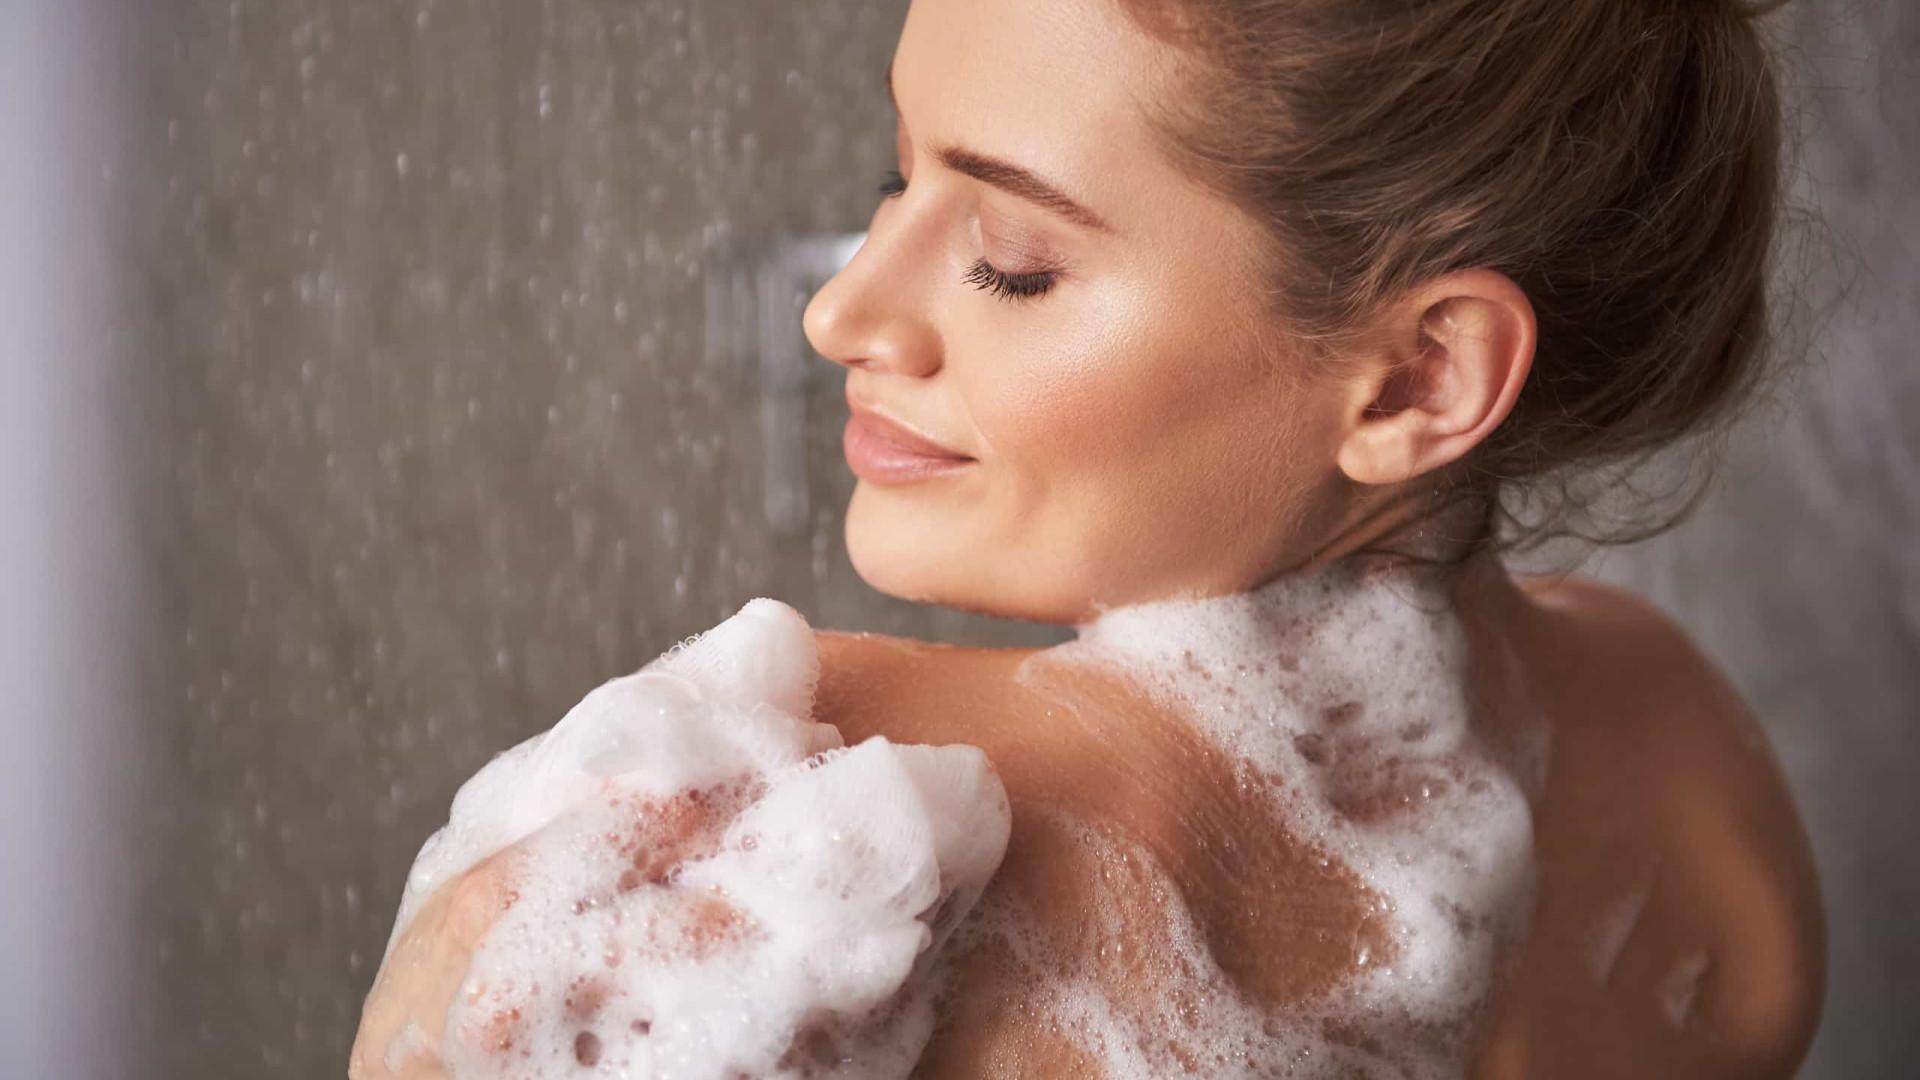 Sabonete ou gel de banho? Nem um, nem outro